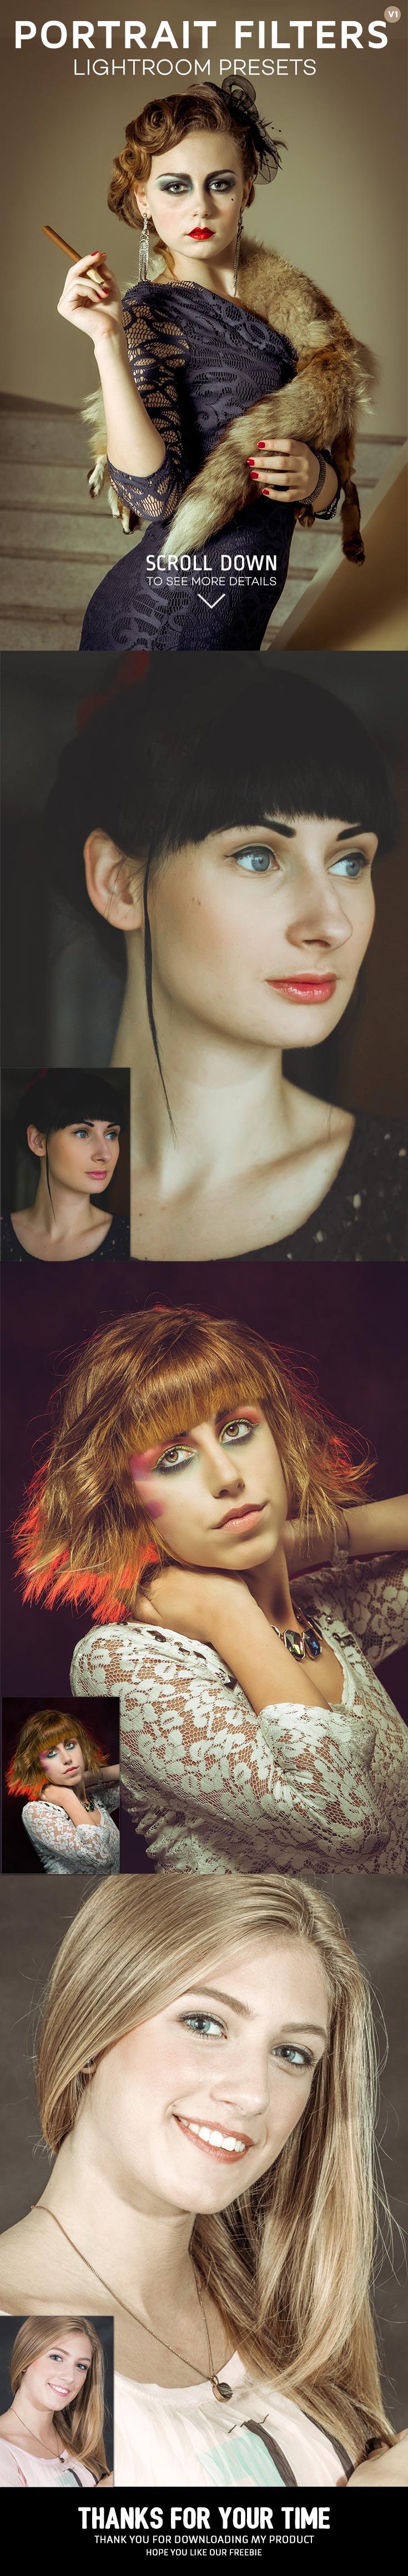 3 Free Portrait Lightroom Presets Ver. 1 Pinterest Display